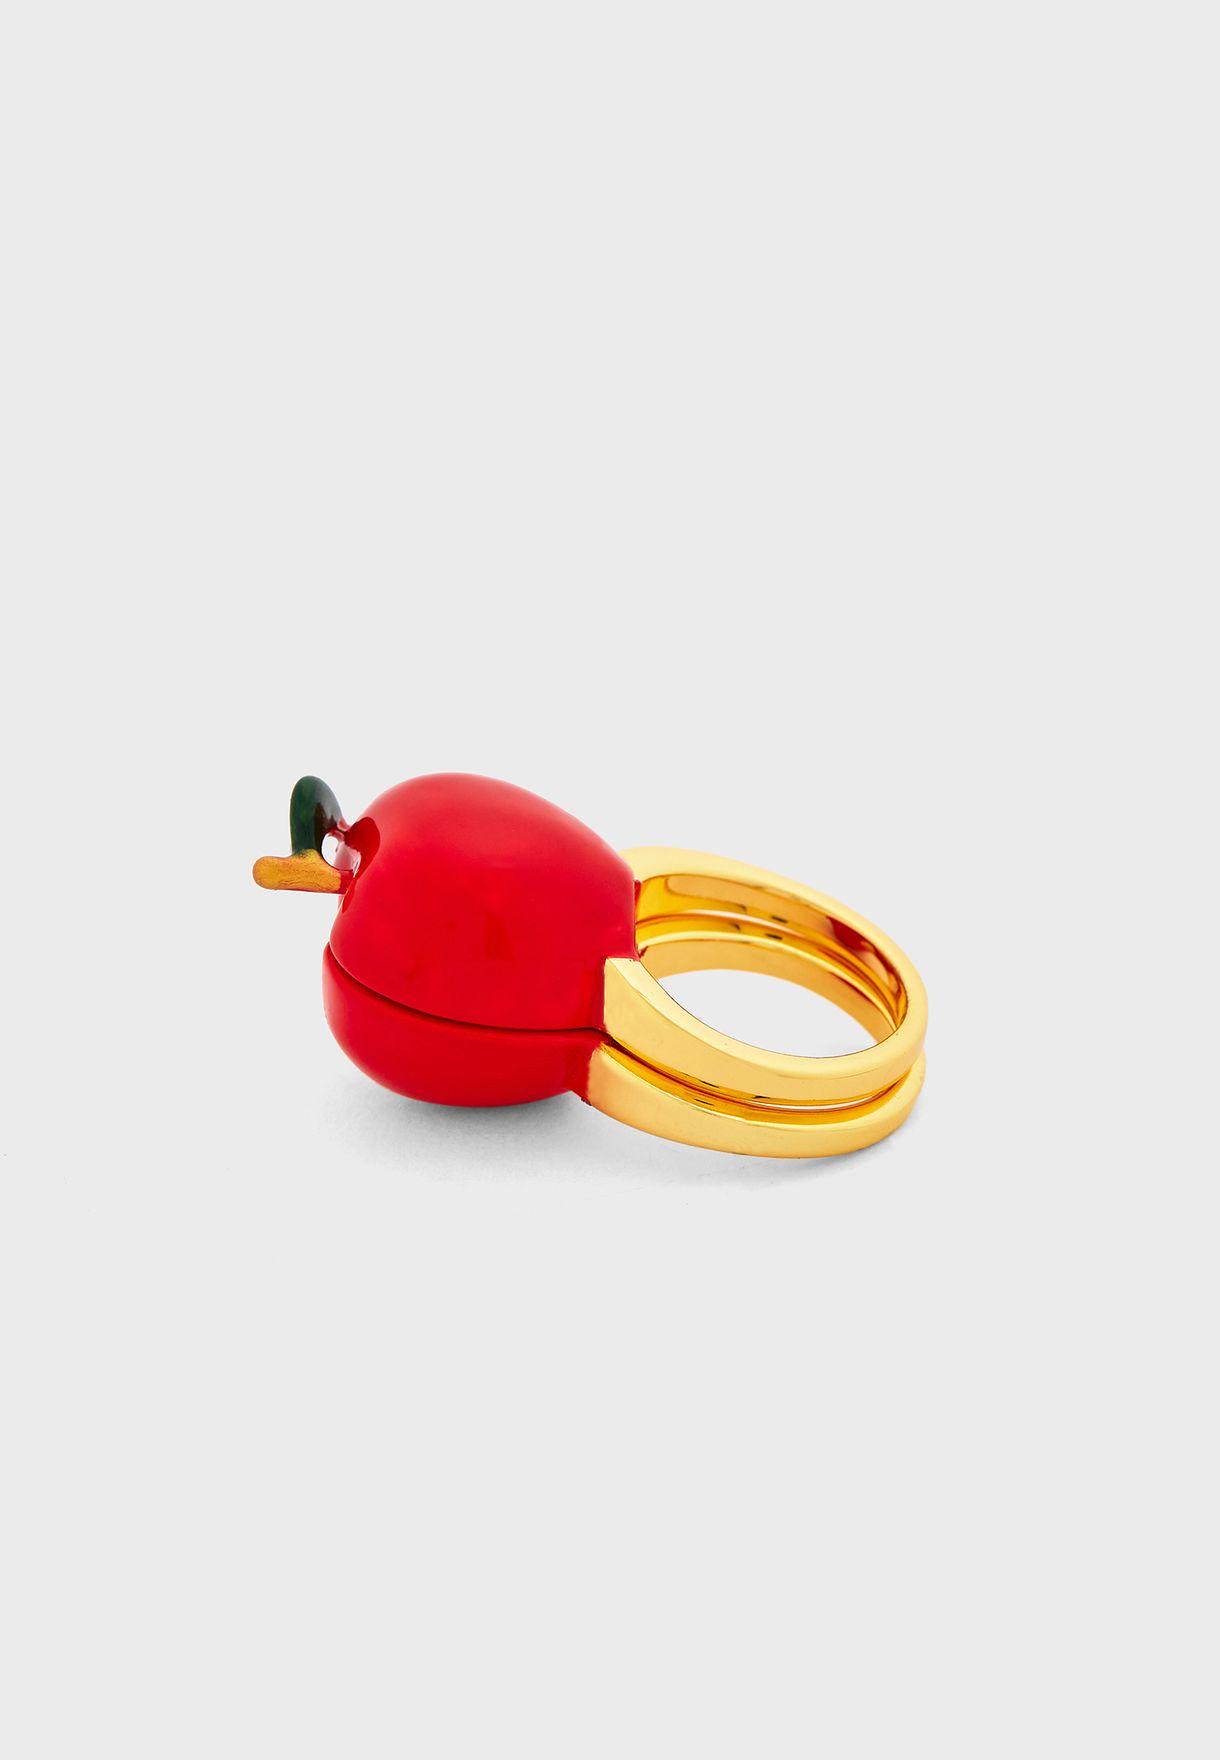 خاتم مزين بشكل تفاحة